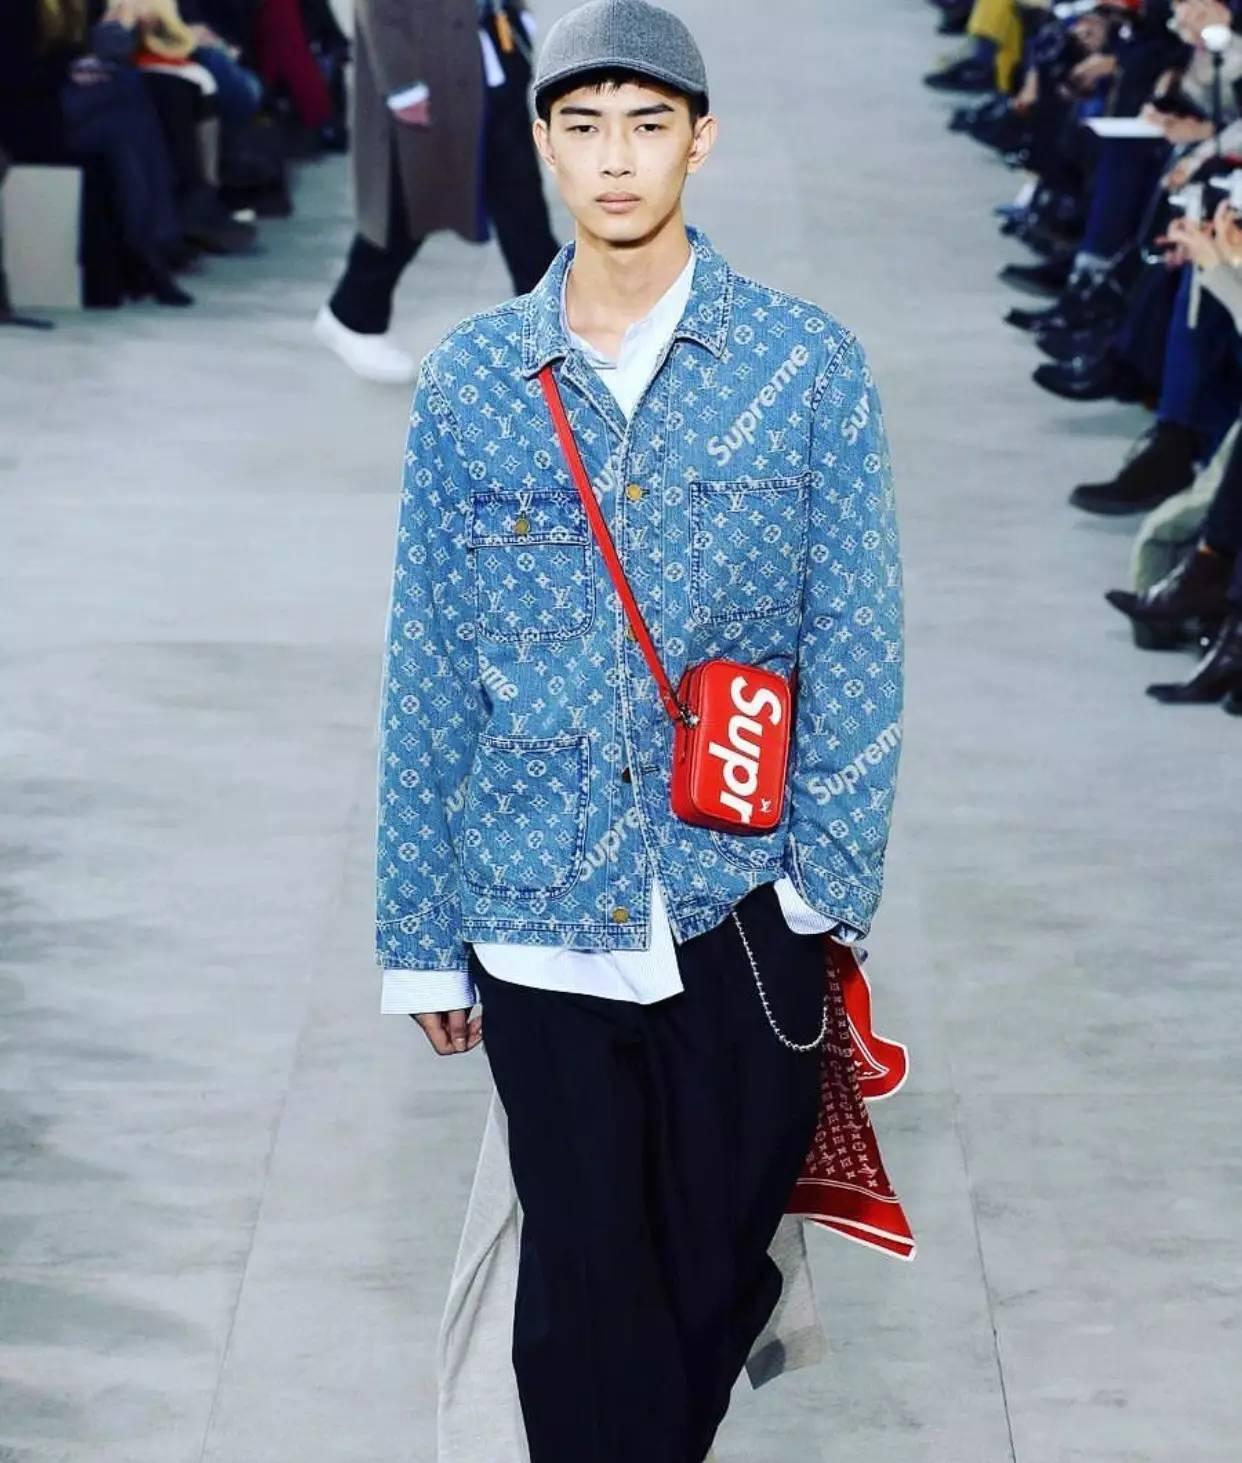 男人背小包真的就很娘吗?男士也很流行背小包 男士时尚 图26